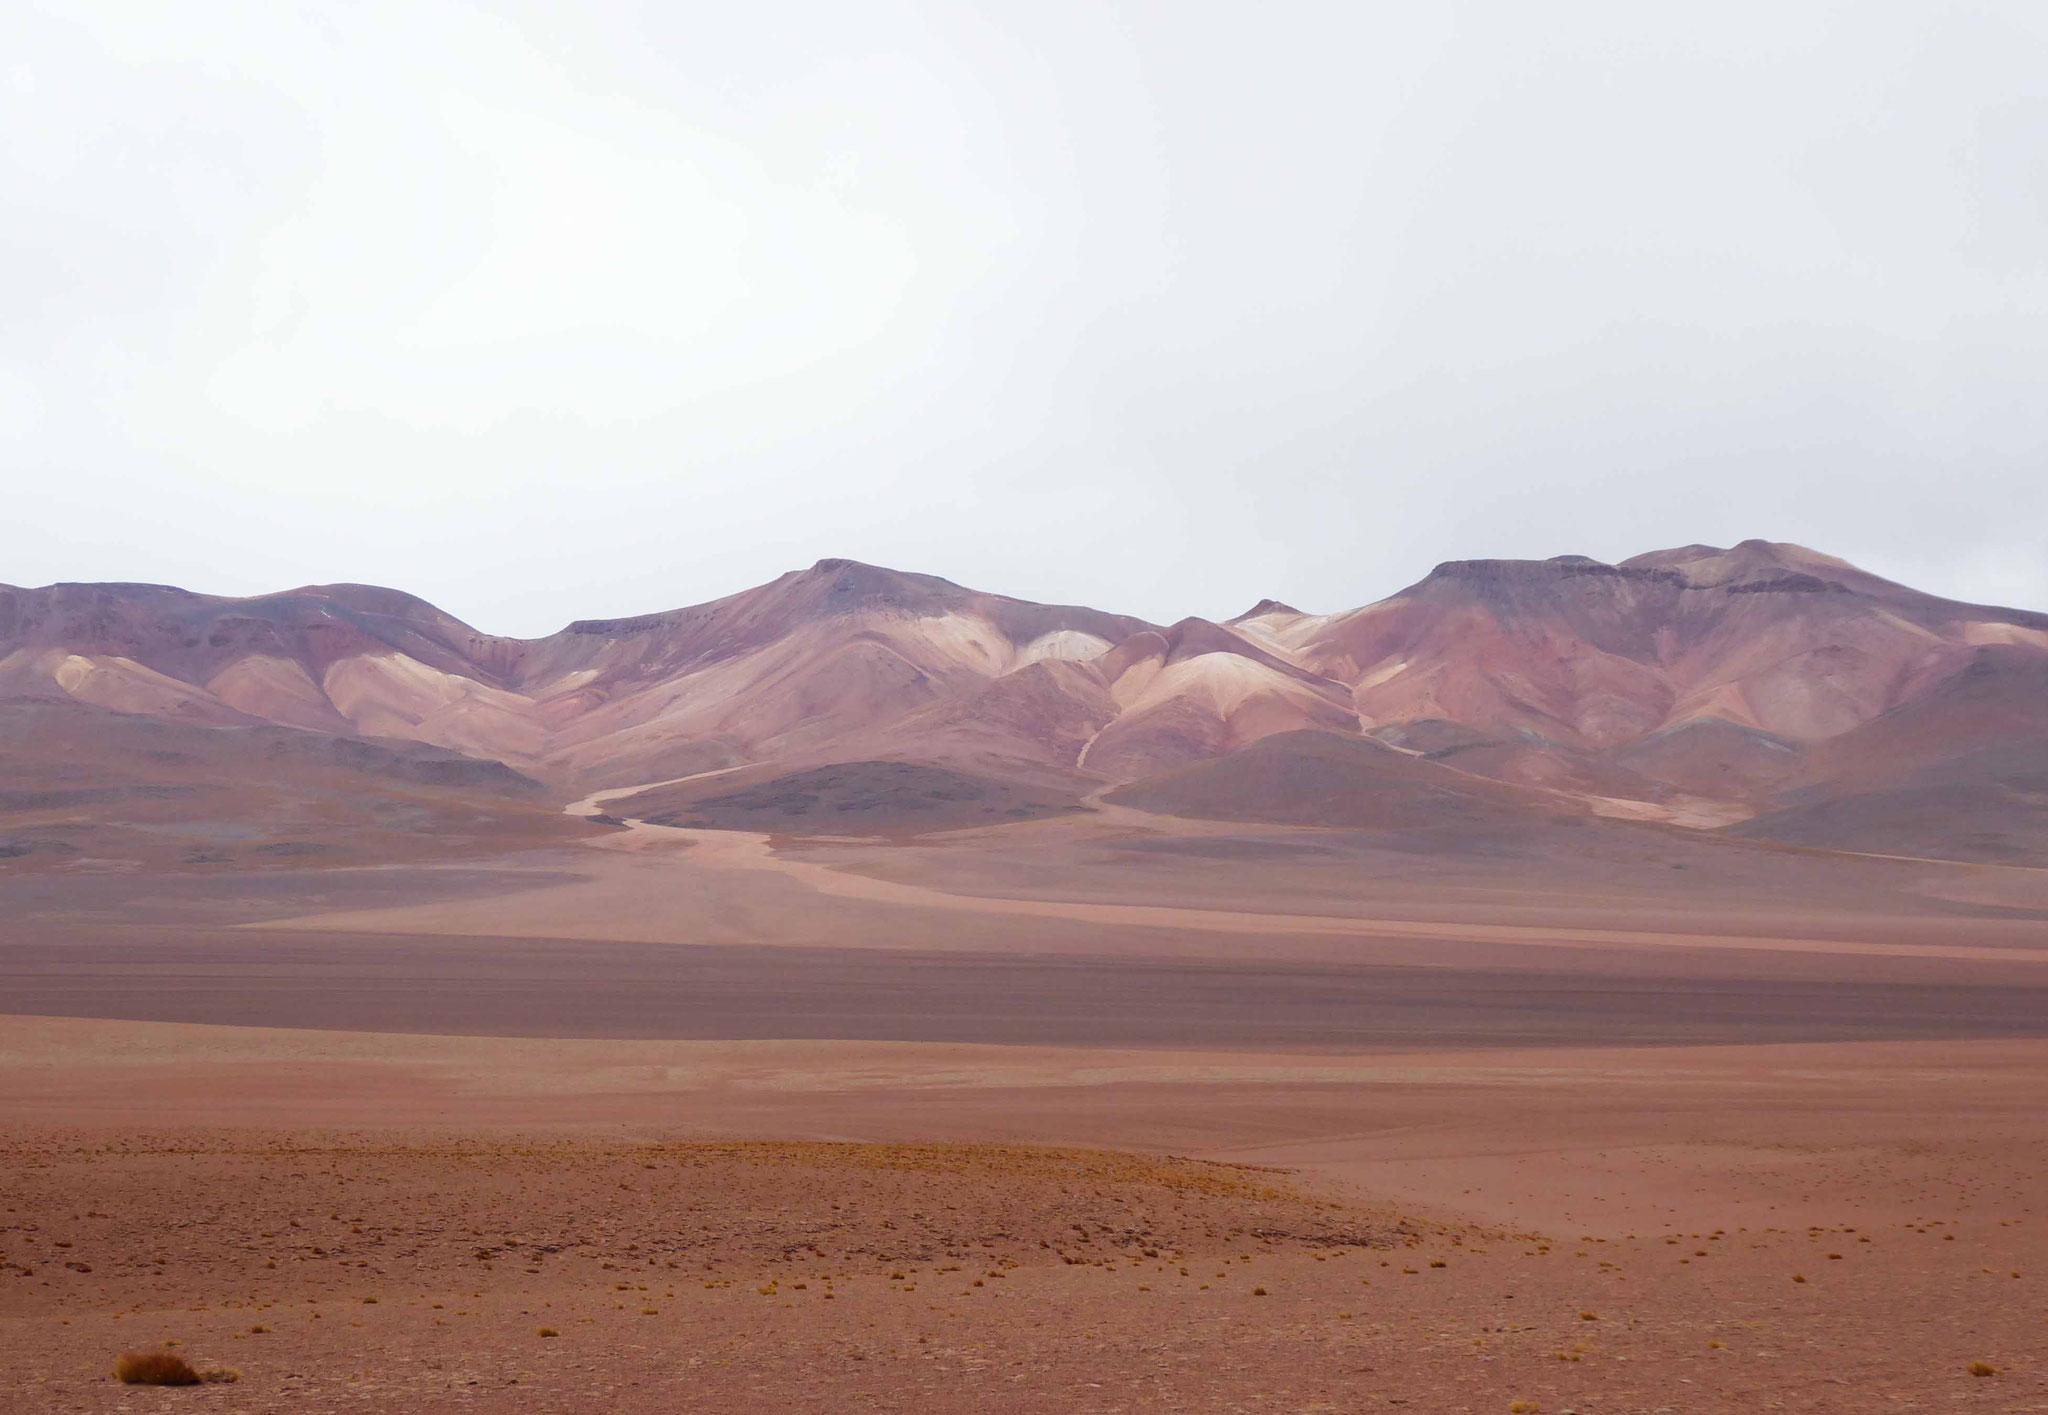 Le sud Lipez, montagnes très minérales (+ 5600 m) aux couleurs remarquables